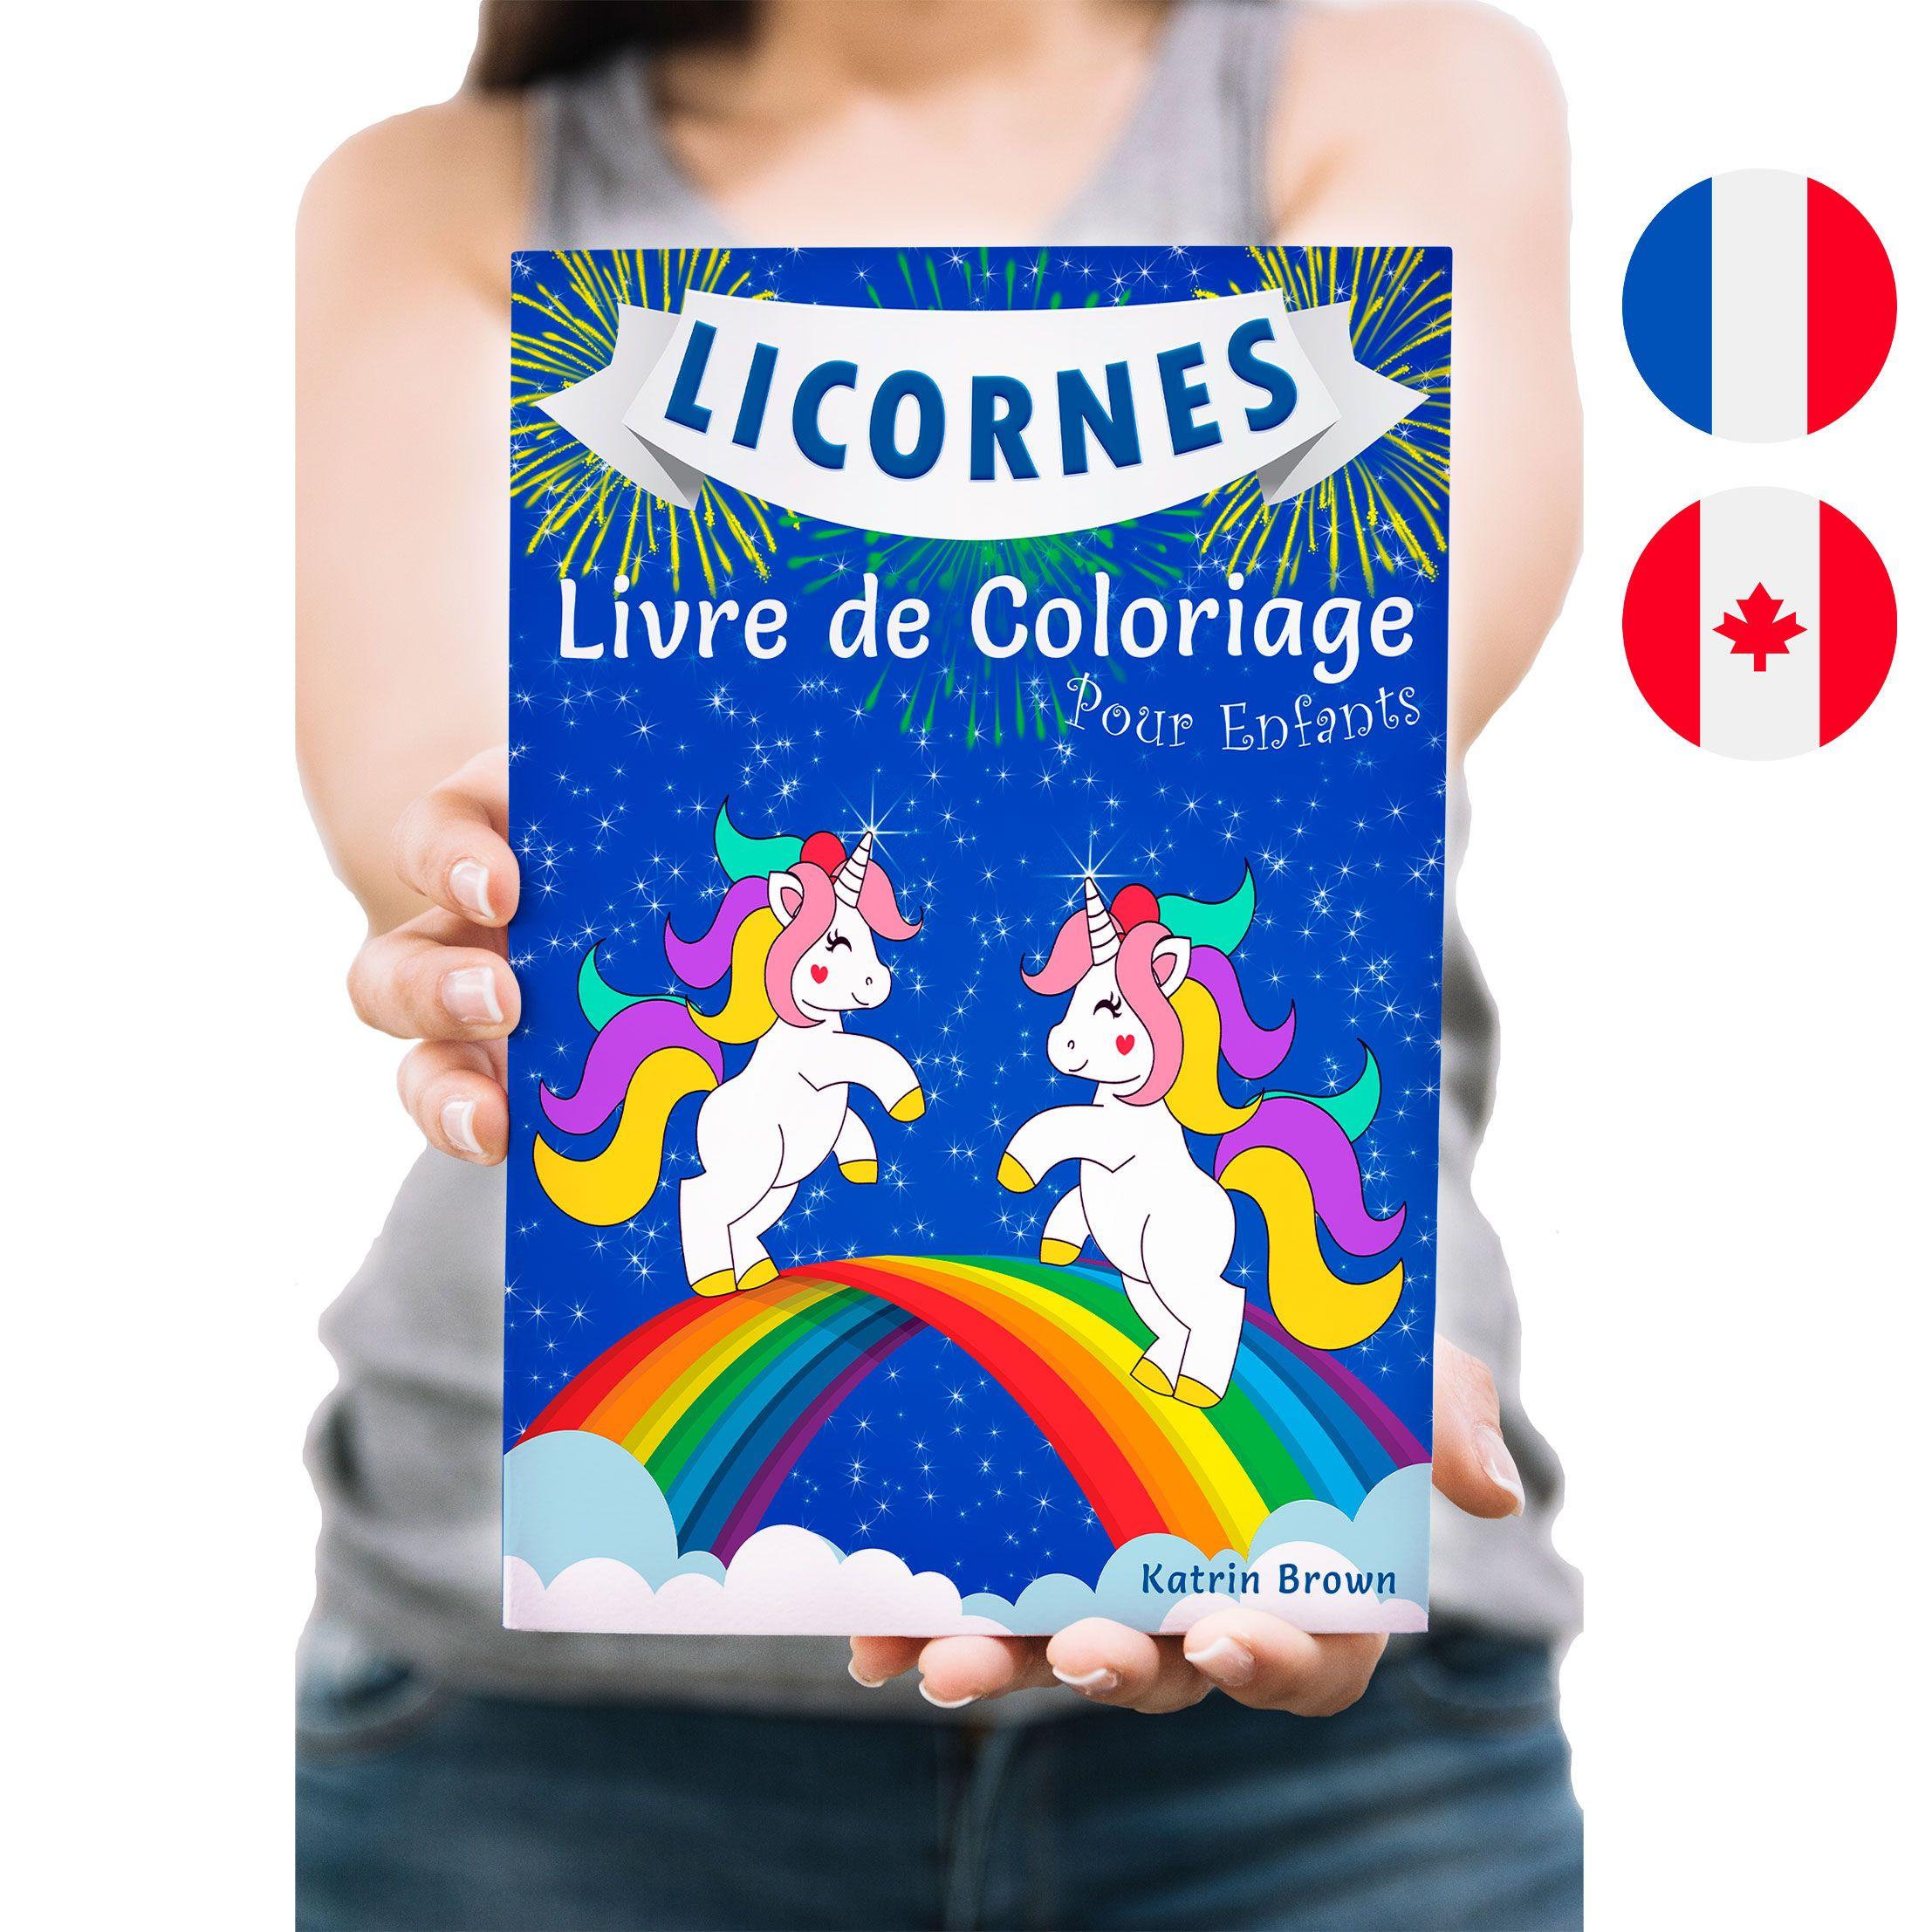 Voici Un Merveilleux Livre De Coloriage Pour Enfants Rempli